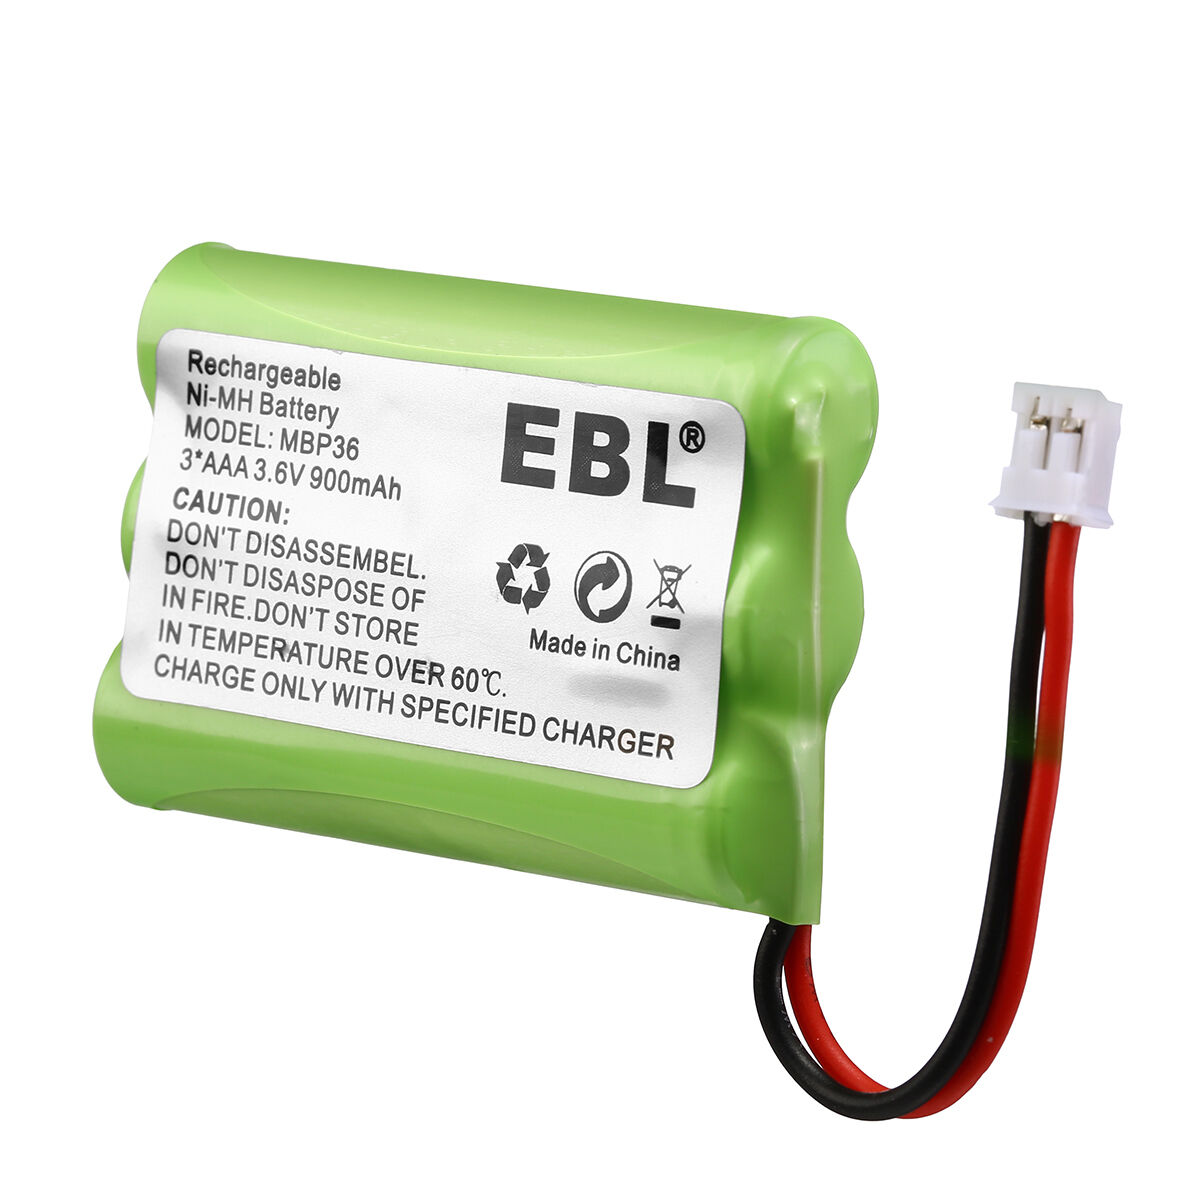 mpb36 ni mh monitors battery